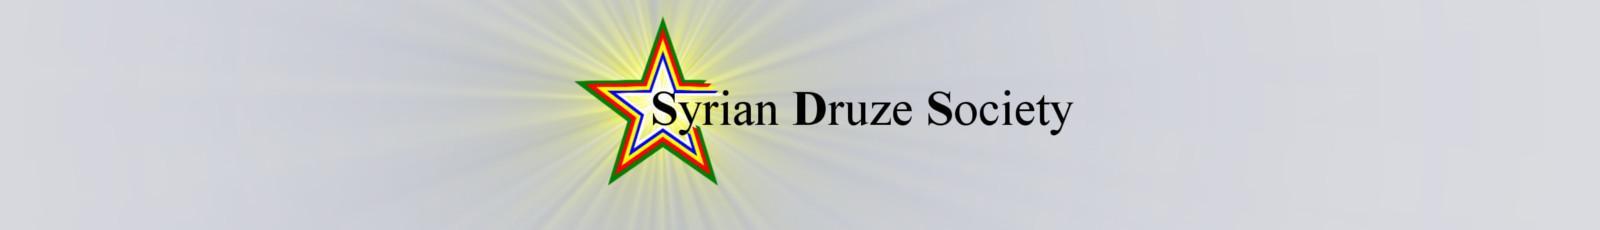 Syrian Druze Society-Banner